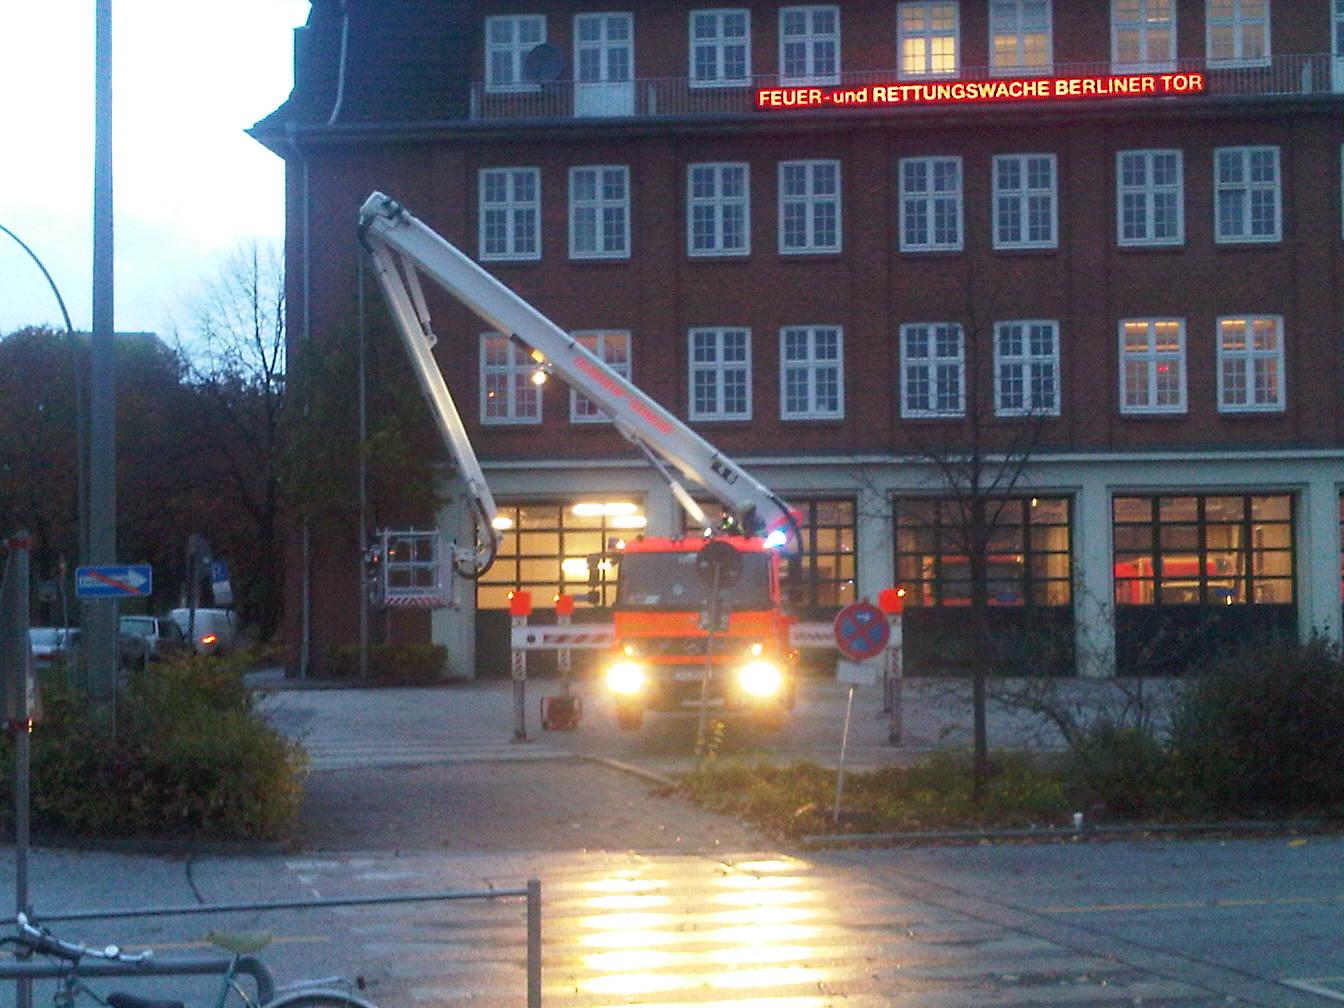 Feuerwehr testet Drehleiter - Berliner Tor - Hamburg